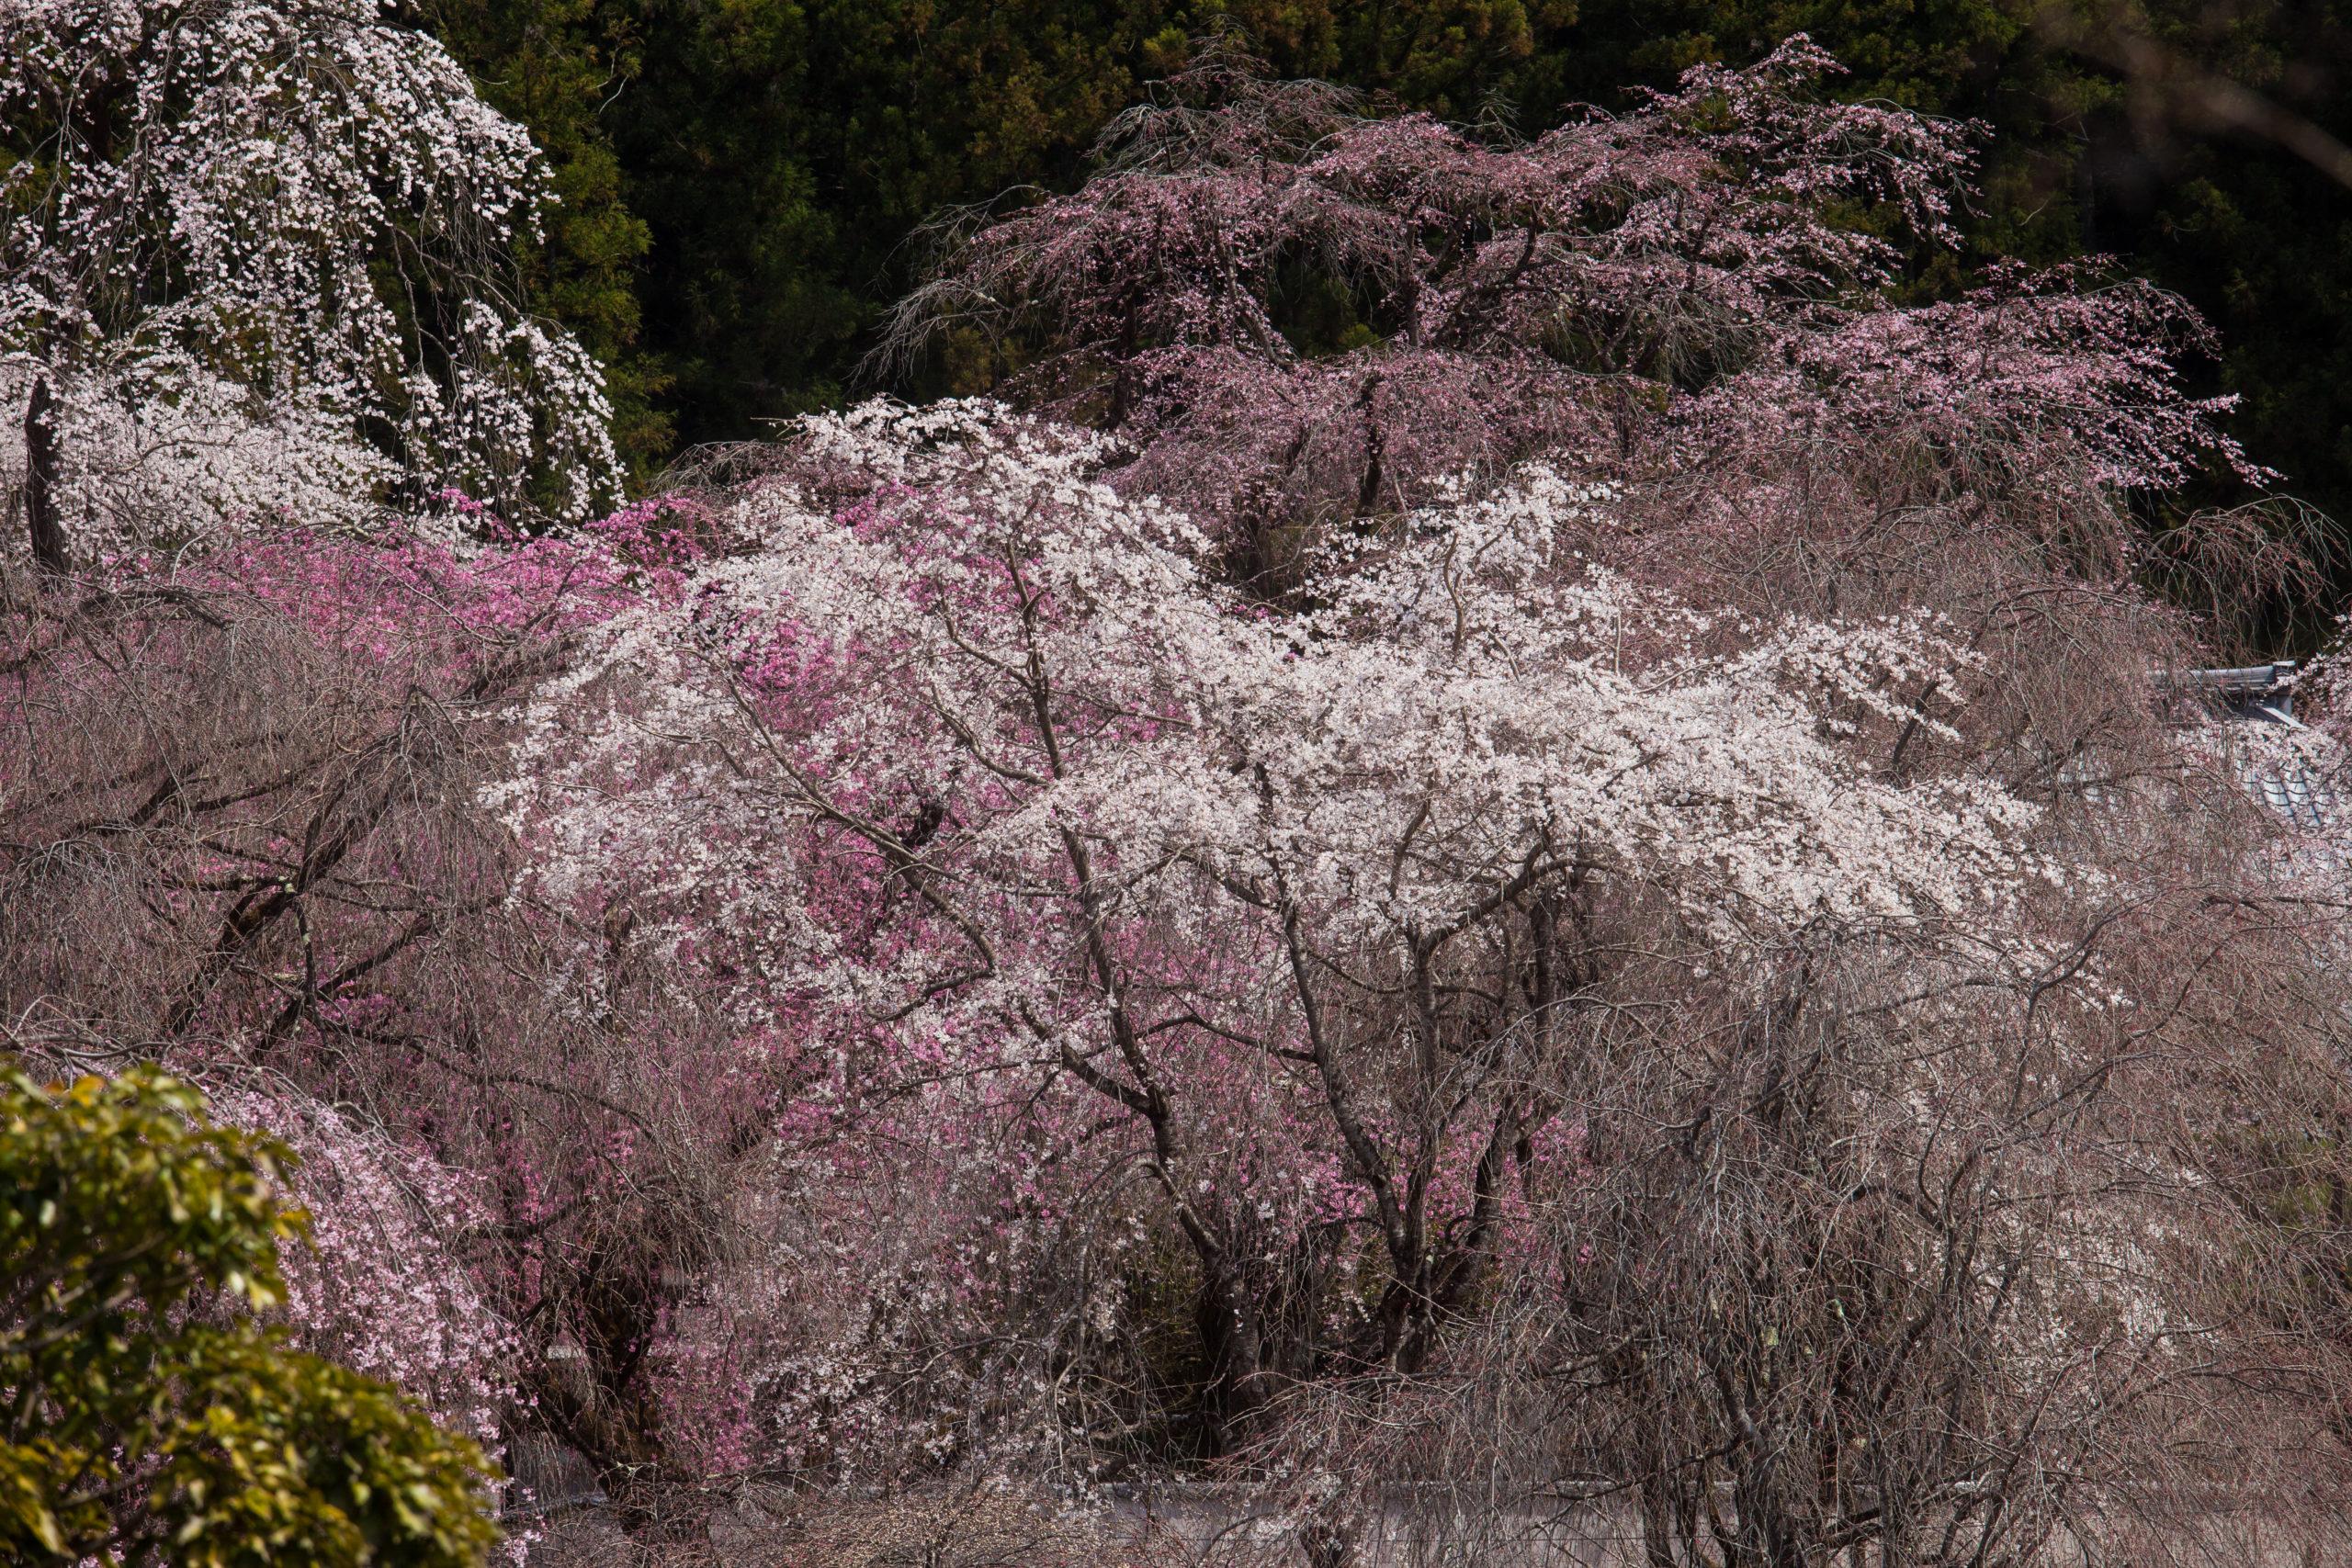 【2020】秩父市荒川の清雲寺のしだれ桜の開花状況